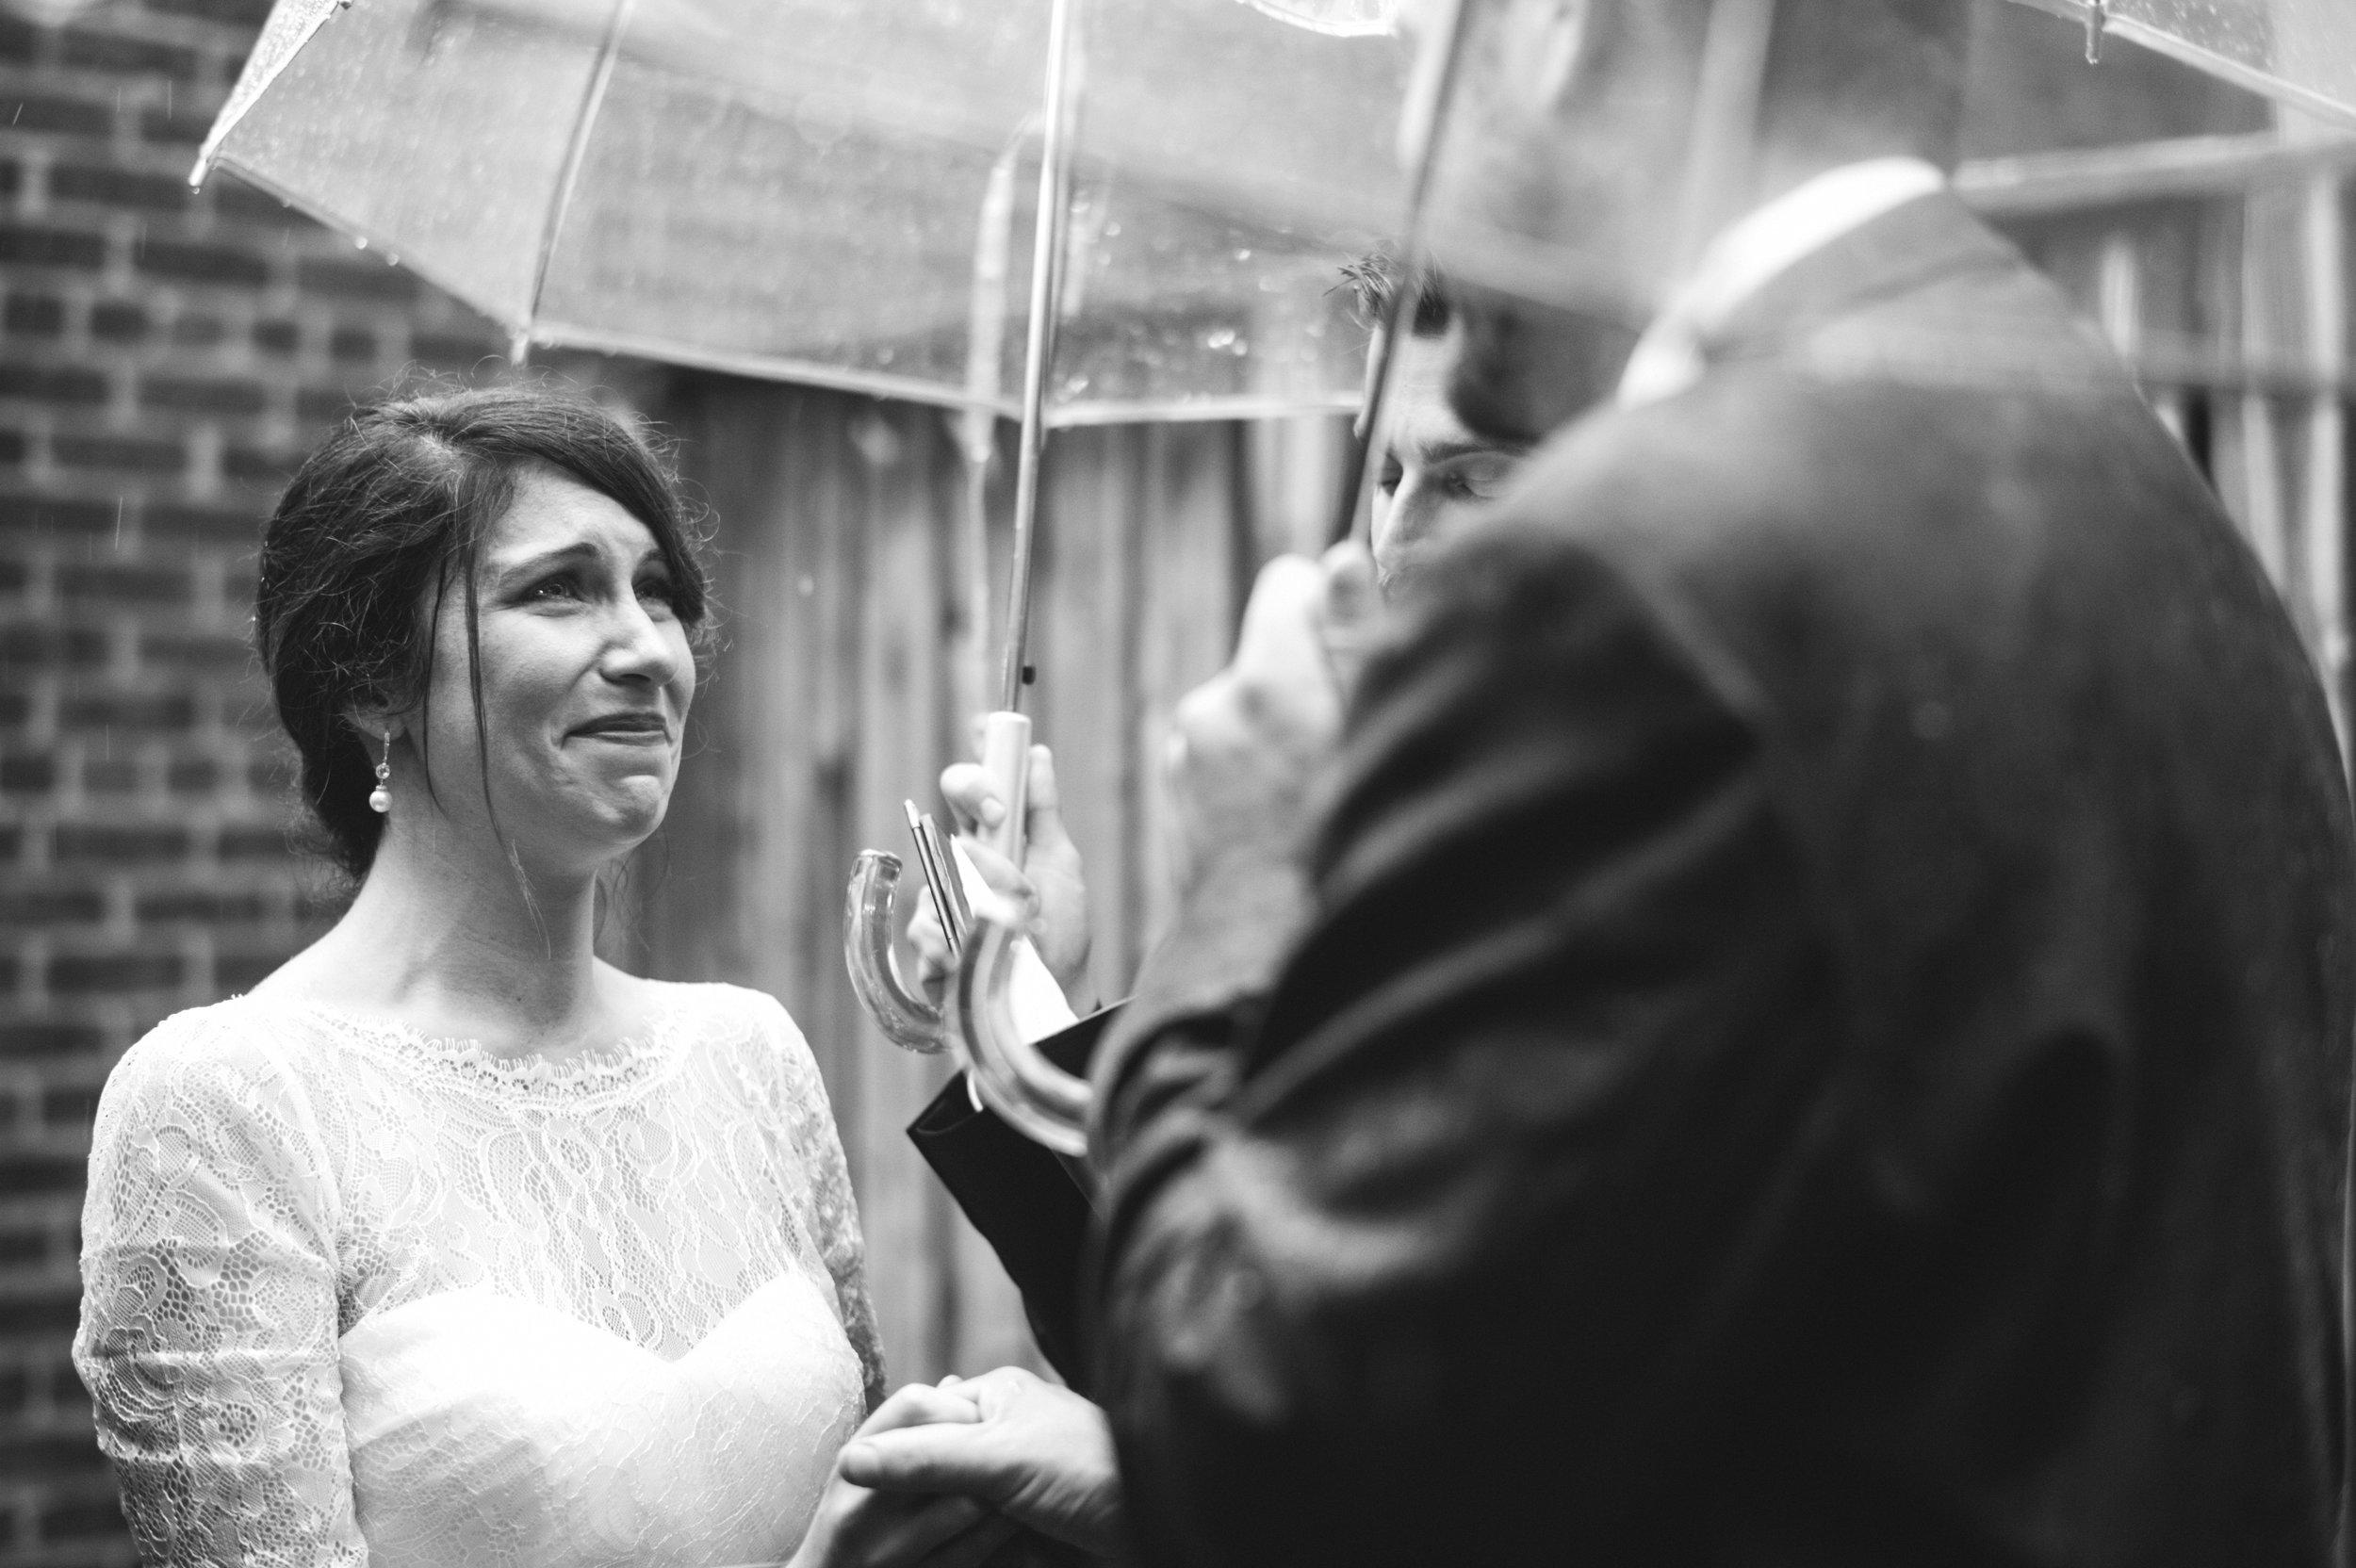 02. Ceremony - Beth + Dan, Married - 076.JPG